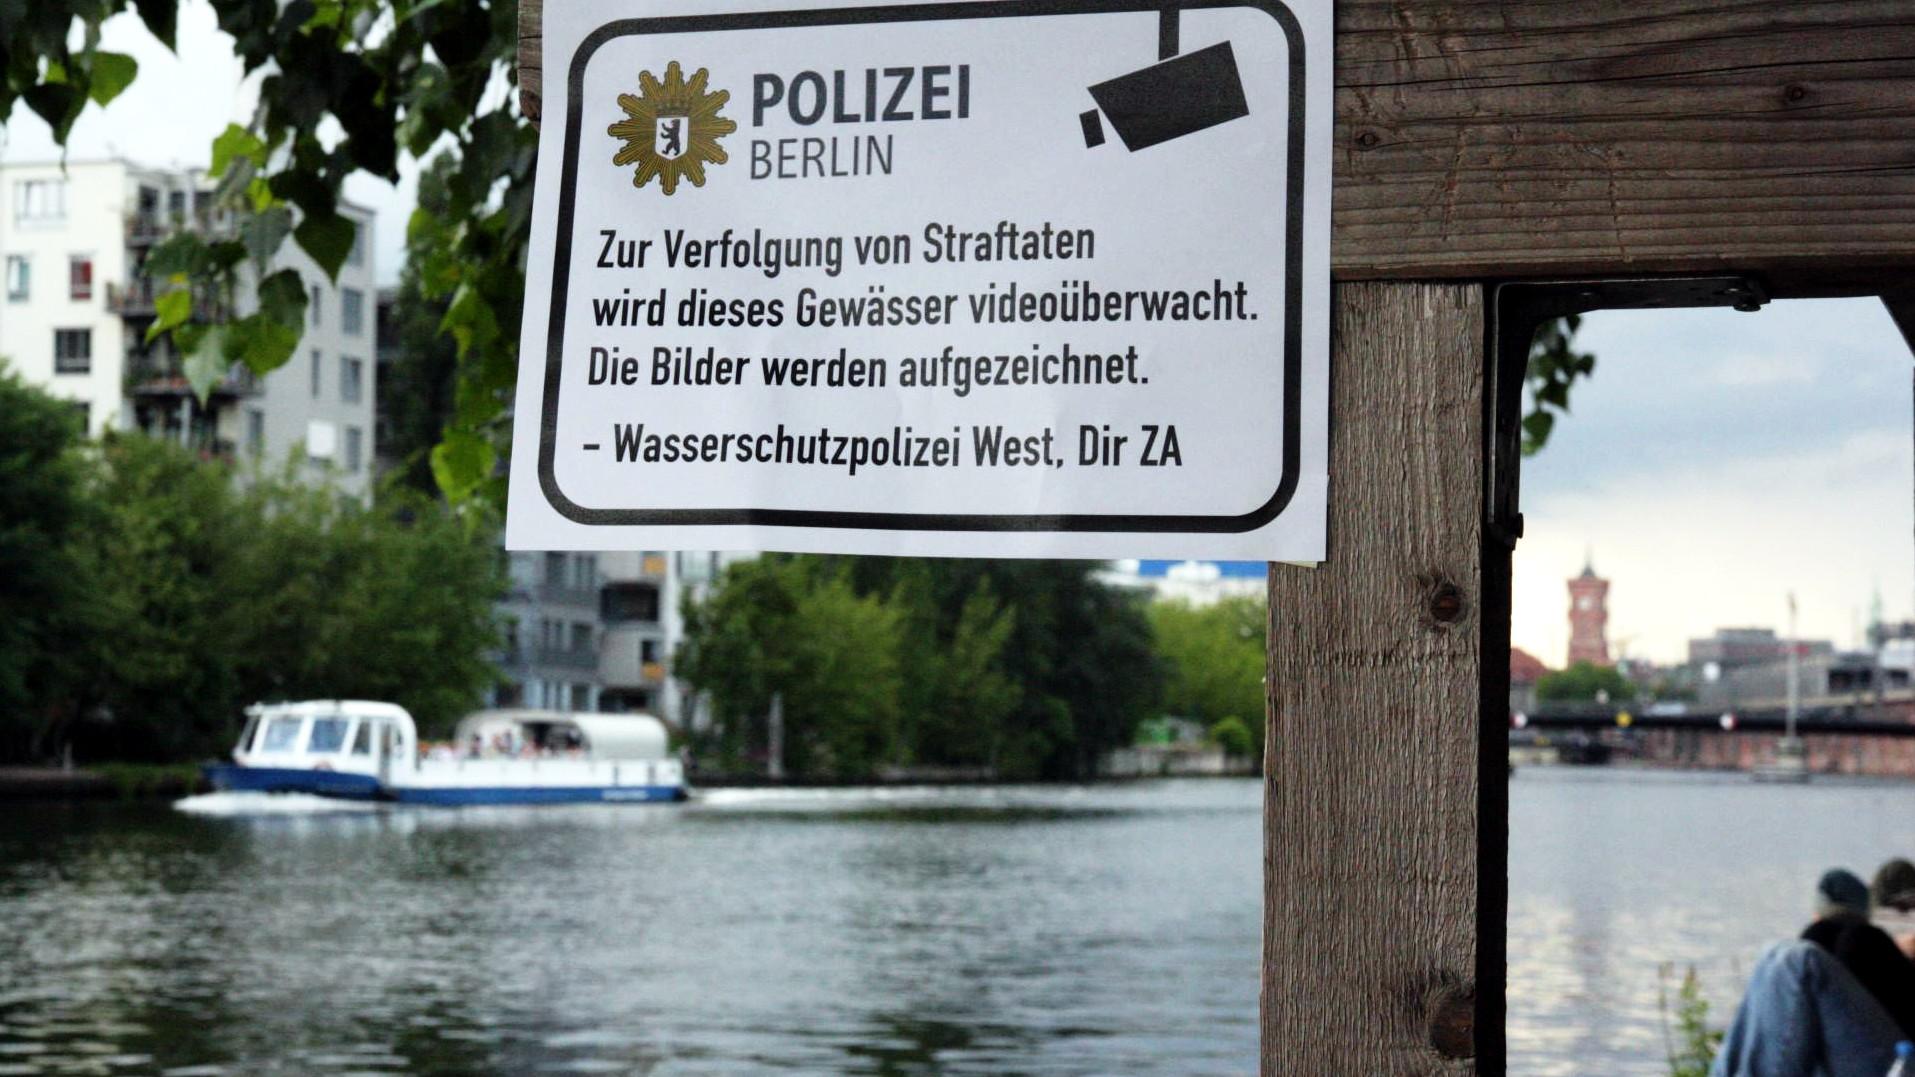 Gemäß des Enwurfs ist es jeder Polizeistelle erlaubt jeden öffentlichen zugänglichen Bereich zu filmen.